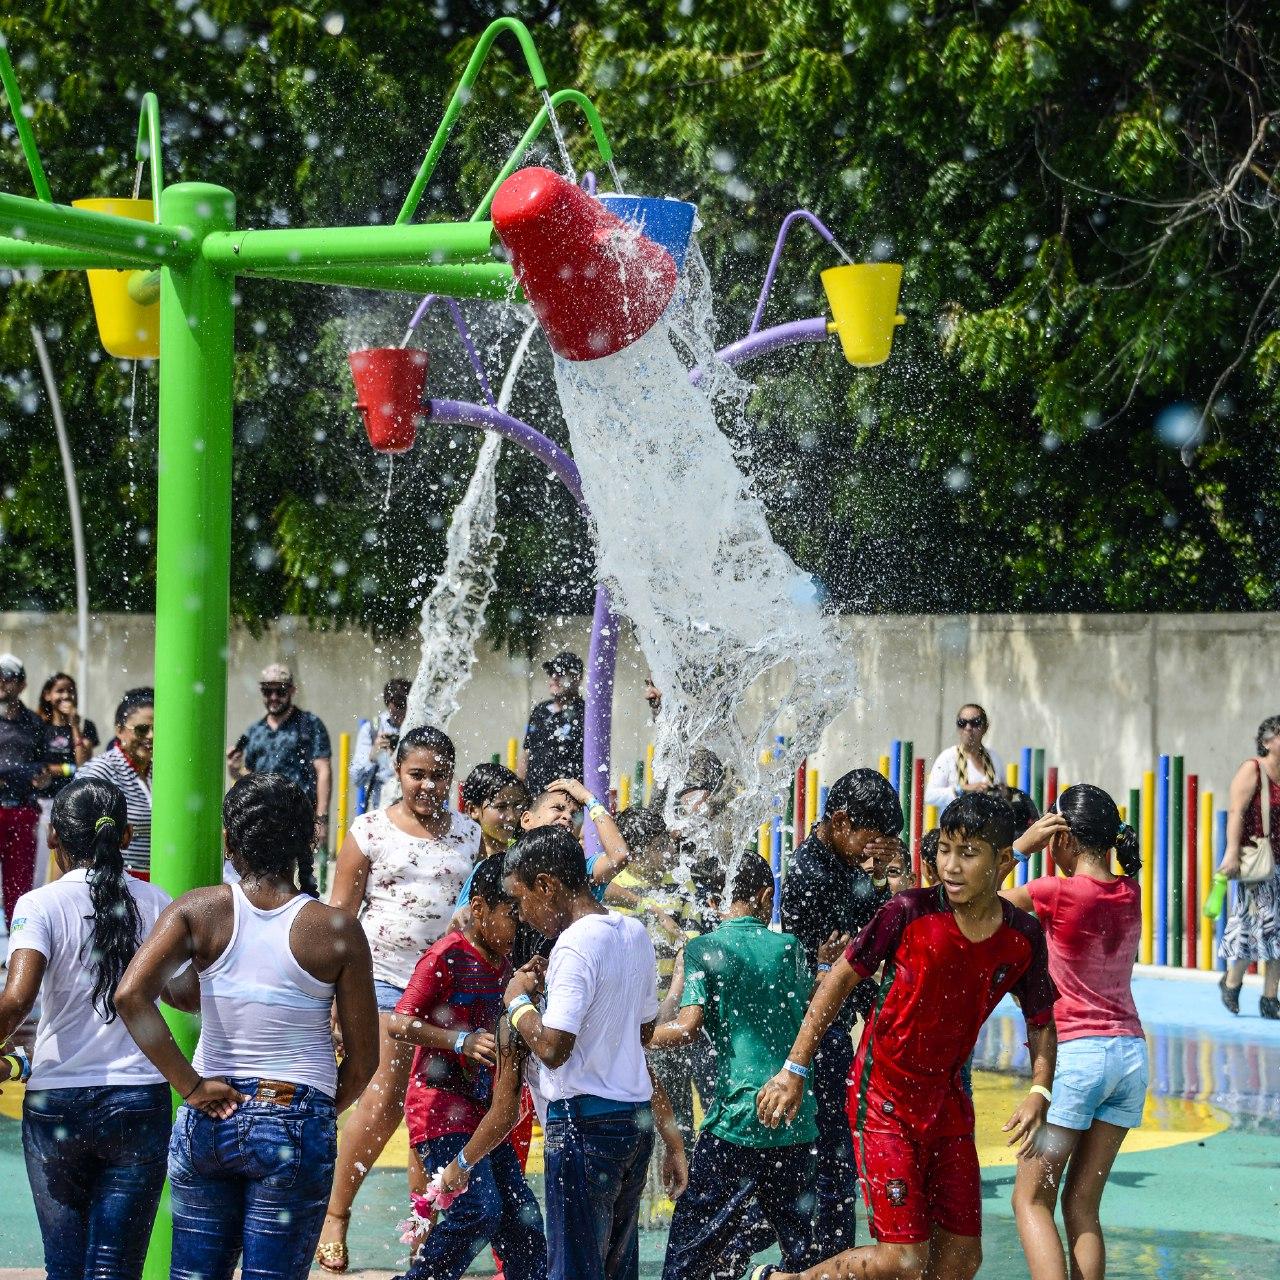 El 30 de junio fue el día con más visitantes en el Parque del Agua.